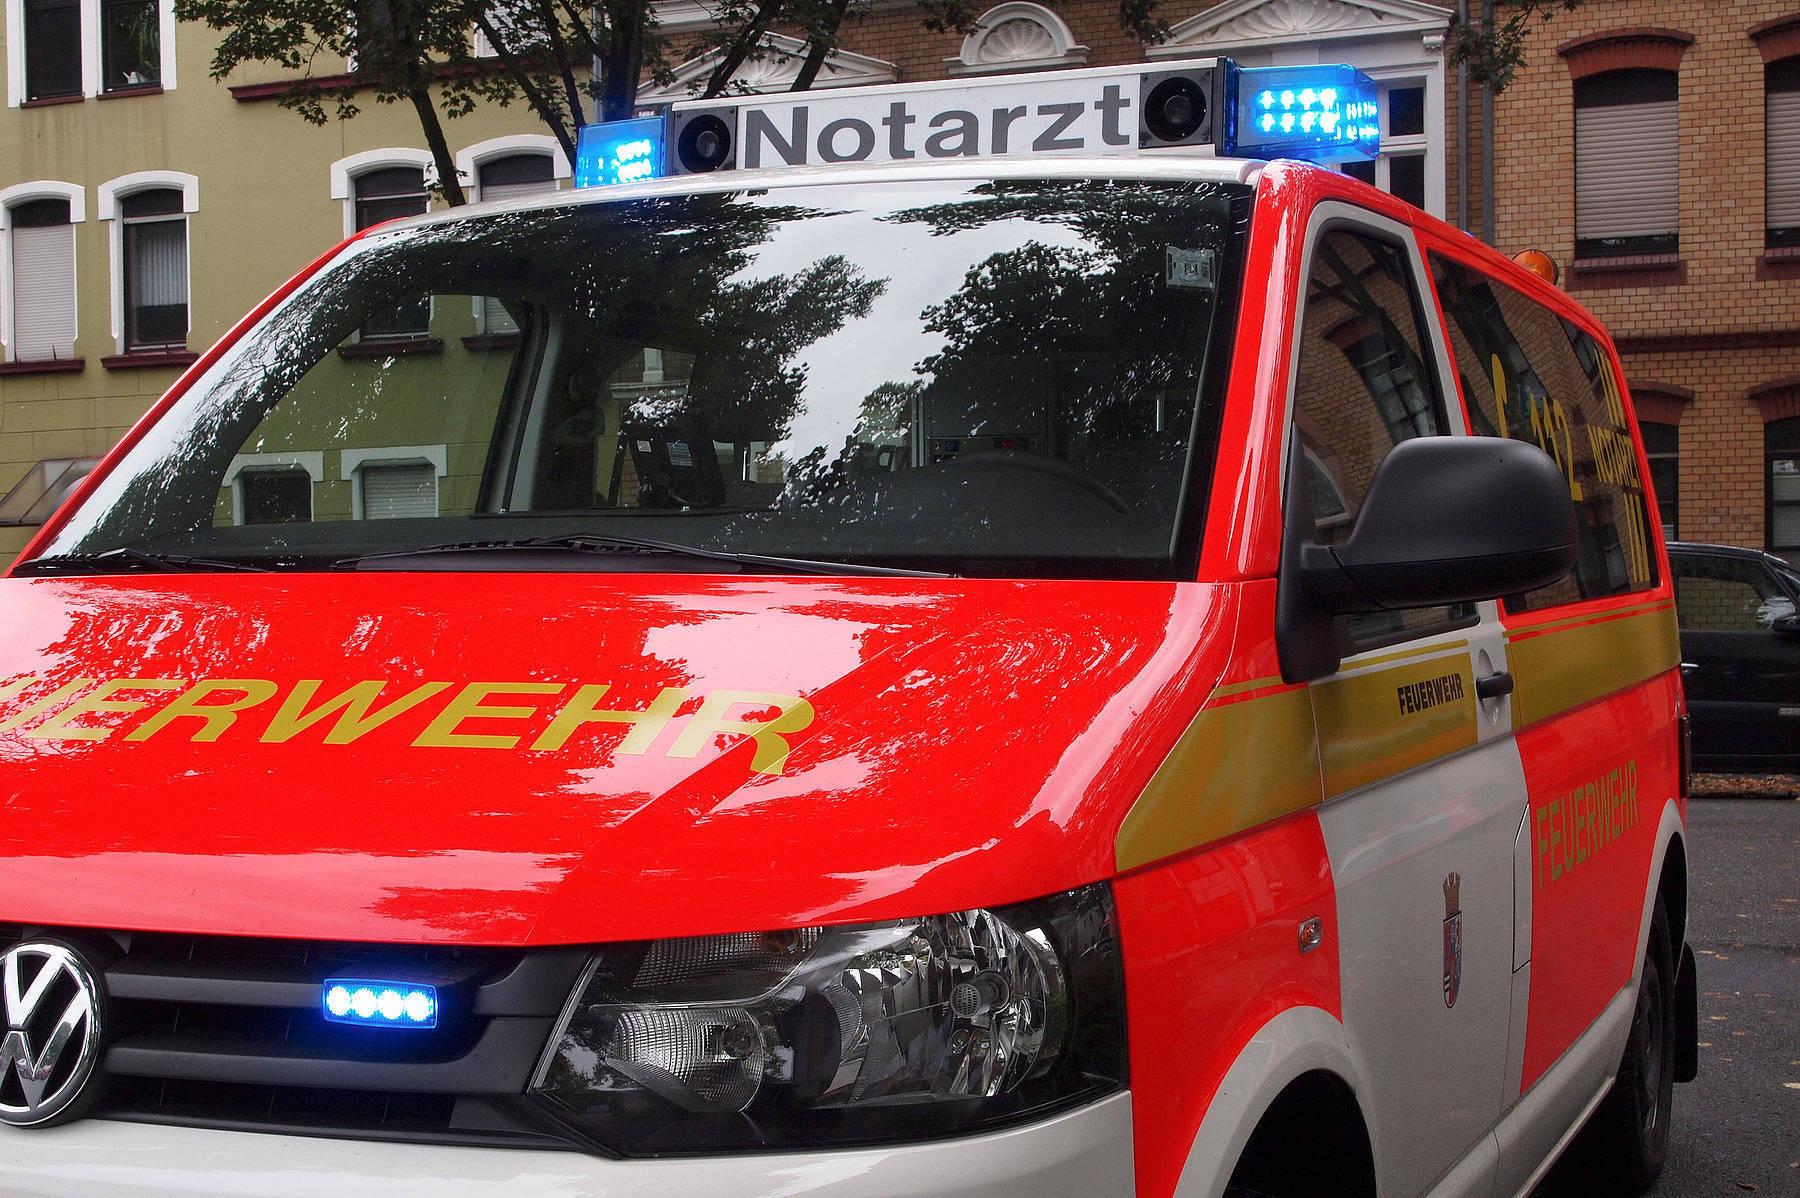 Symbol_Rettungswagen_Notarzt_Feuerwehr-090107